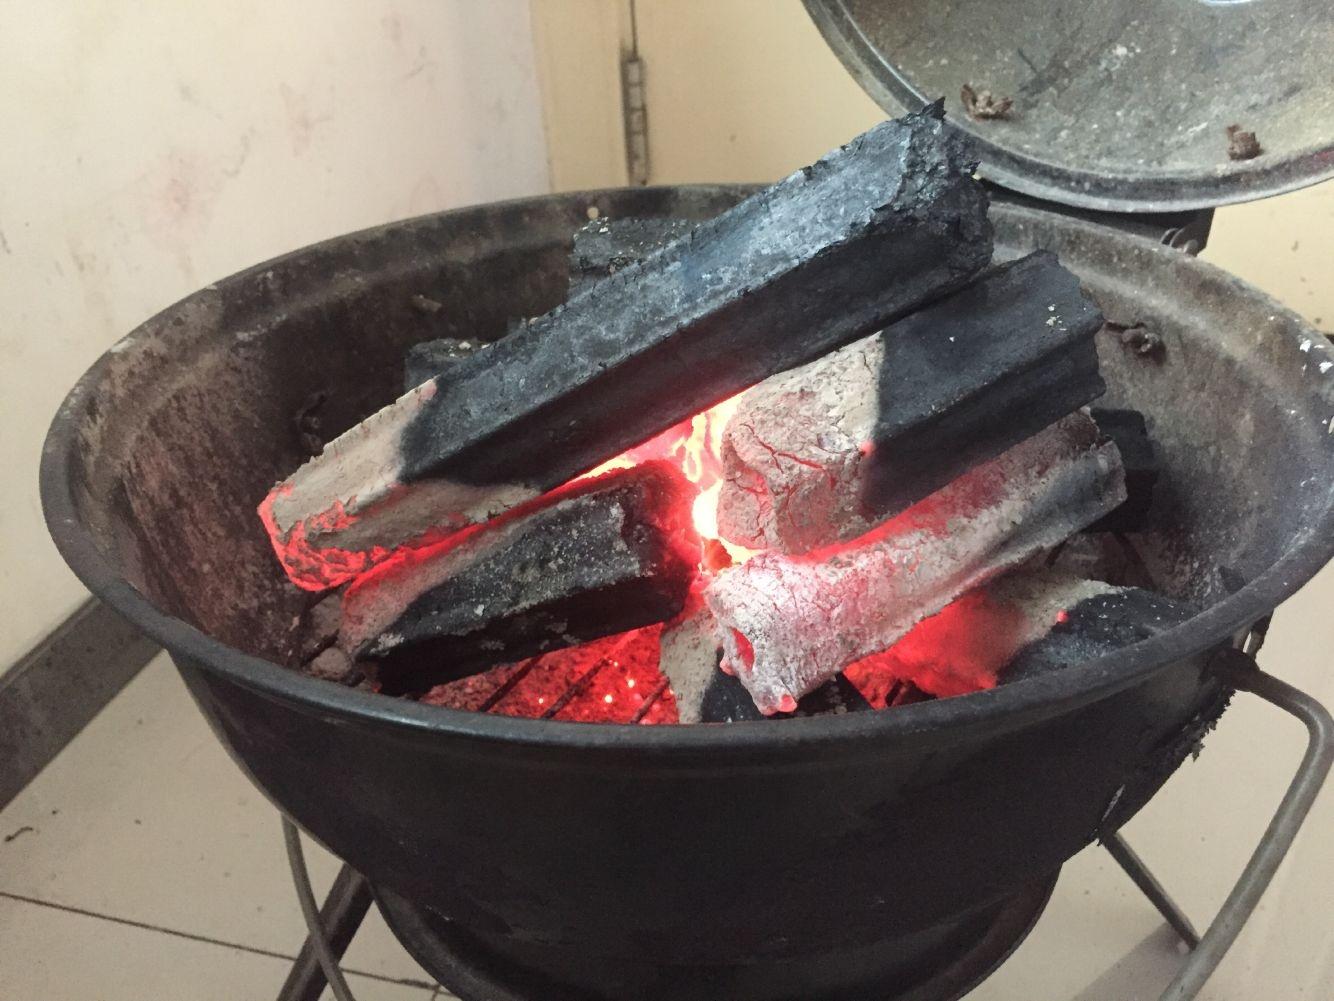 HQBQ0006 HongQiang Longer Burning Hexagonal Barbecue Cooking Wood Coal